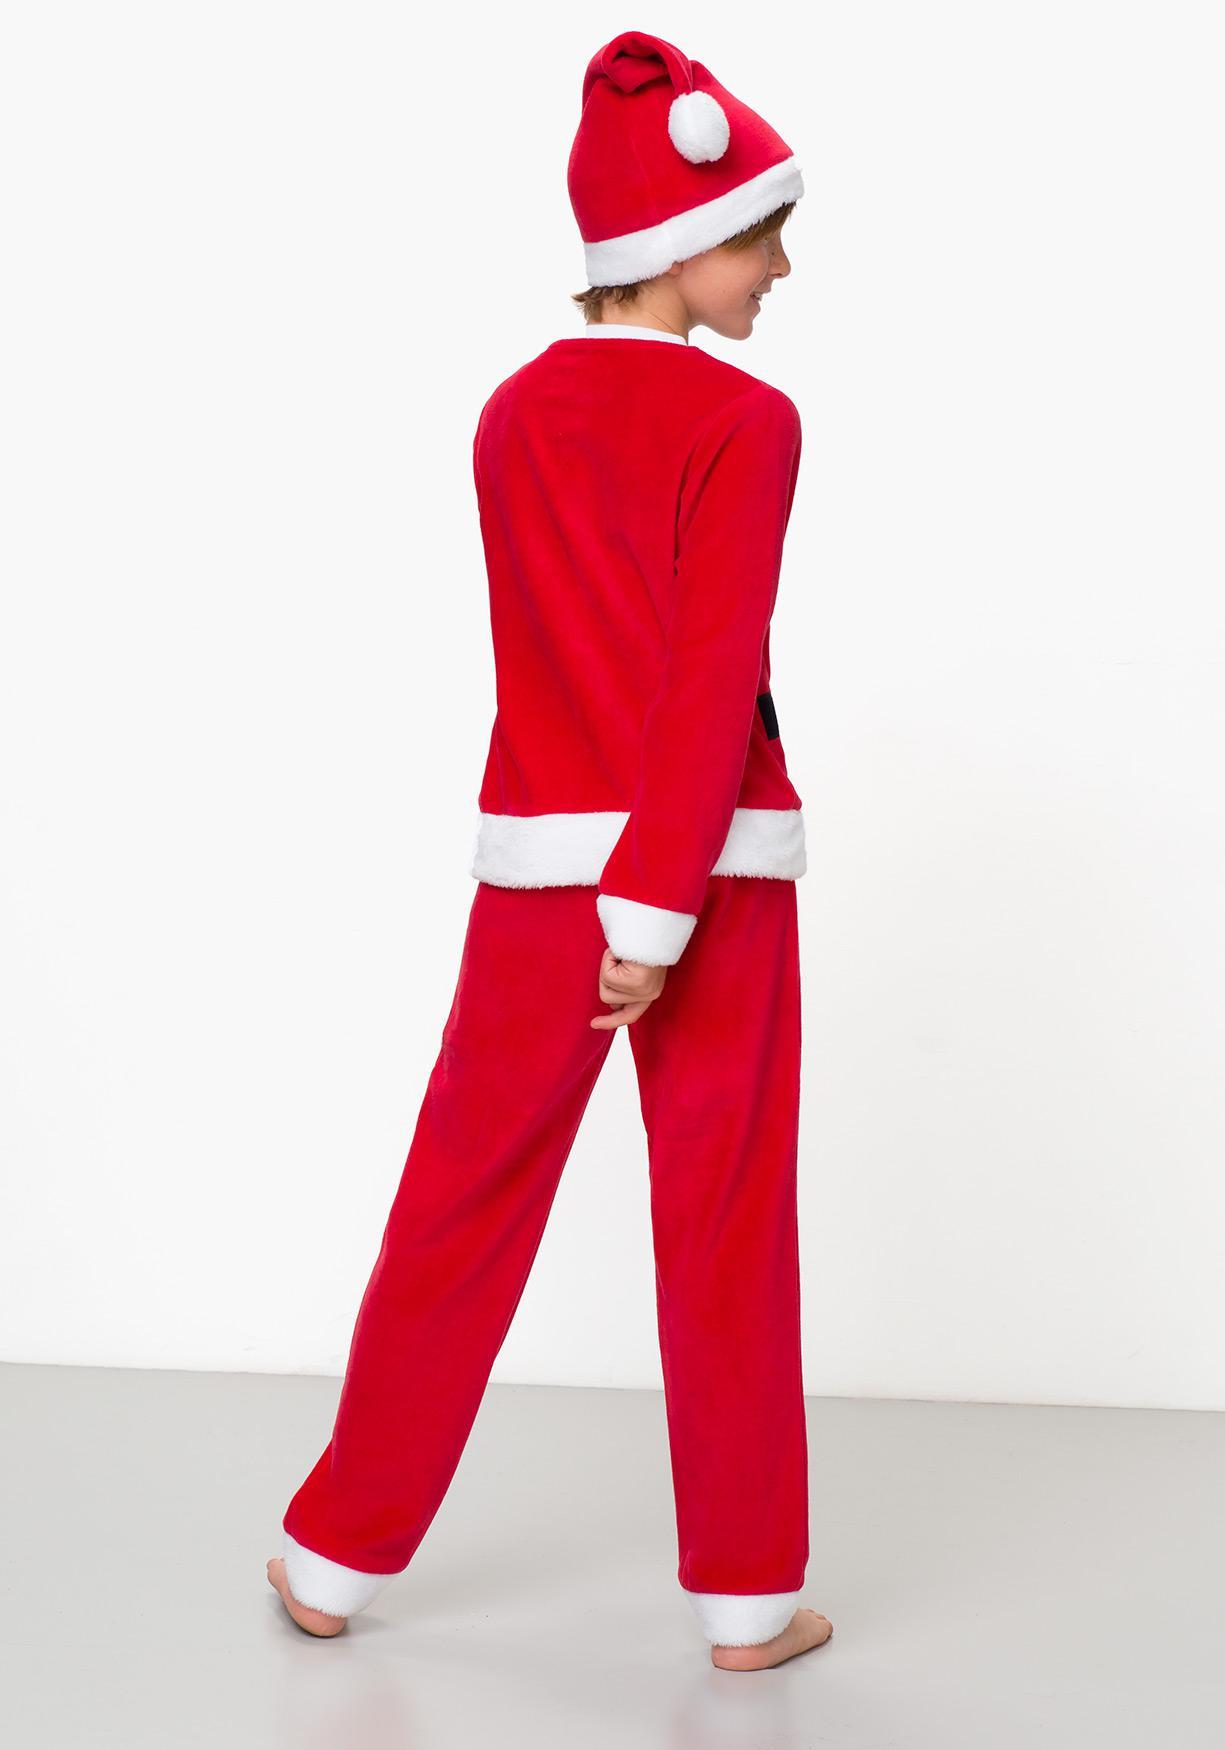 Comprar Pijama velour Papa Noel TEX. ¡Aprovéchate de nuestros ... 0b88a3d6777